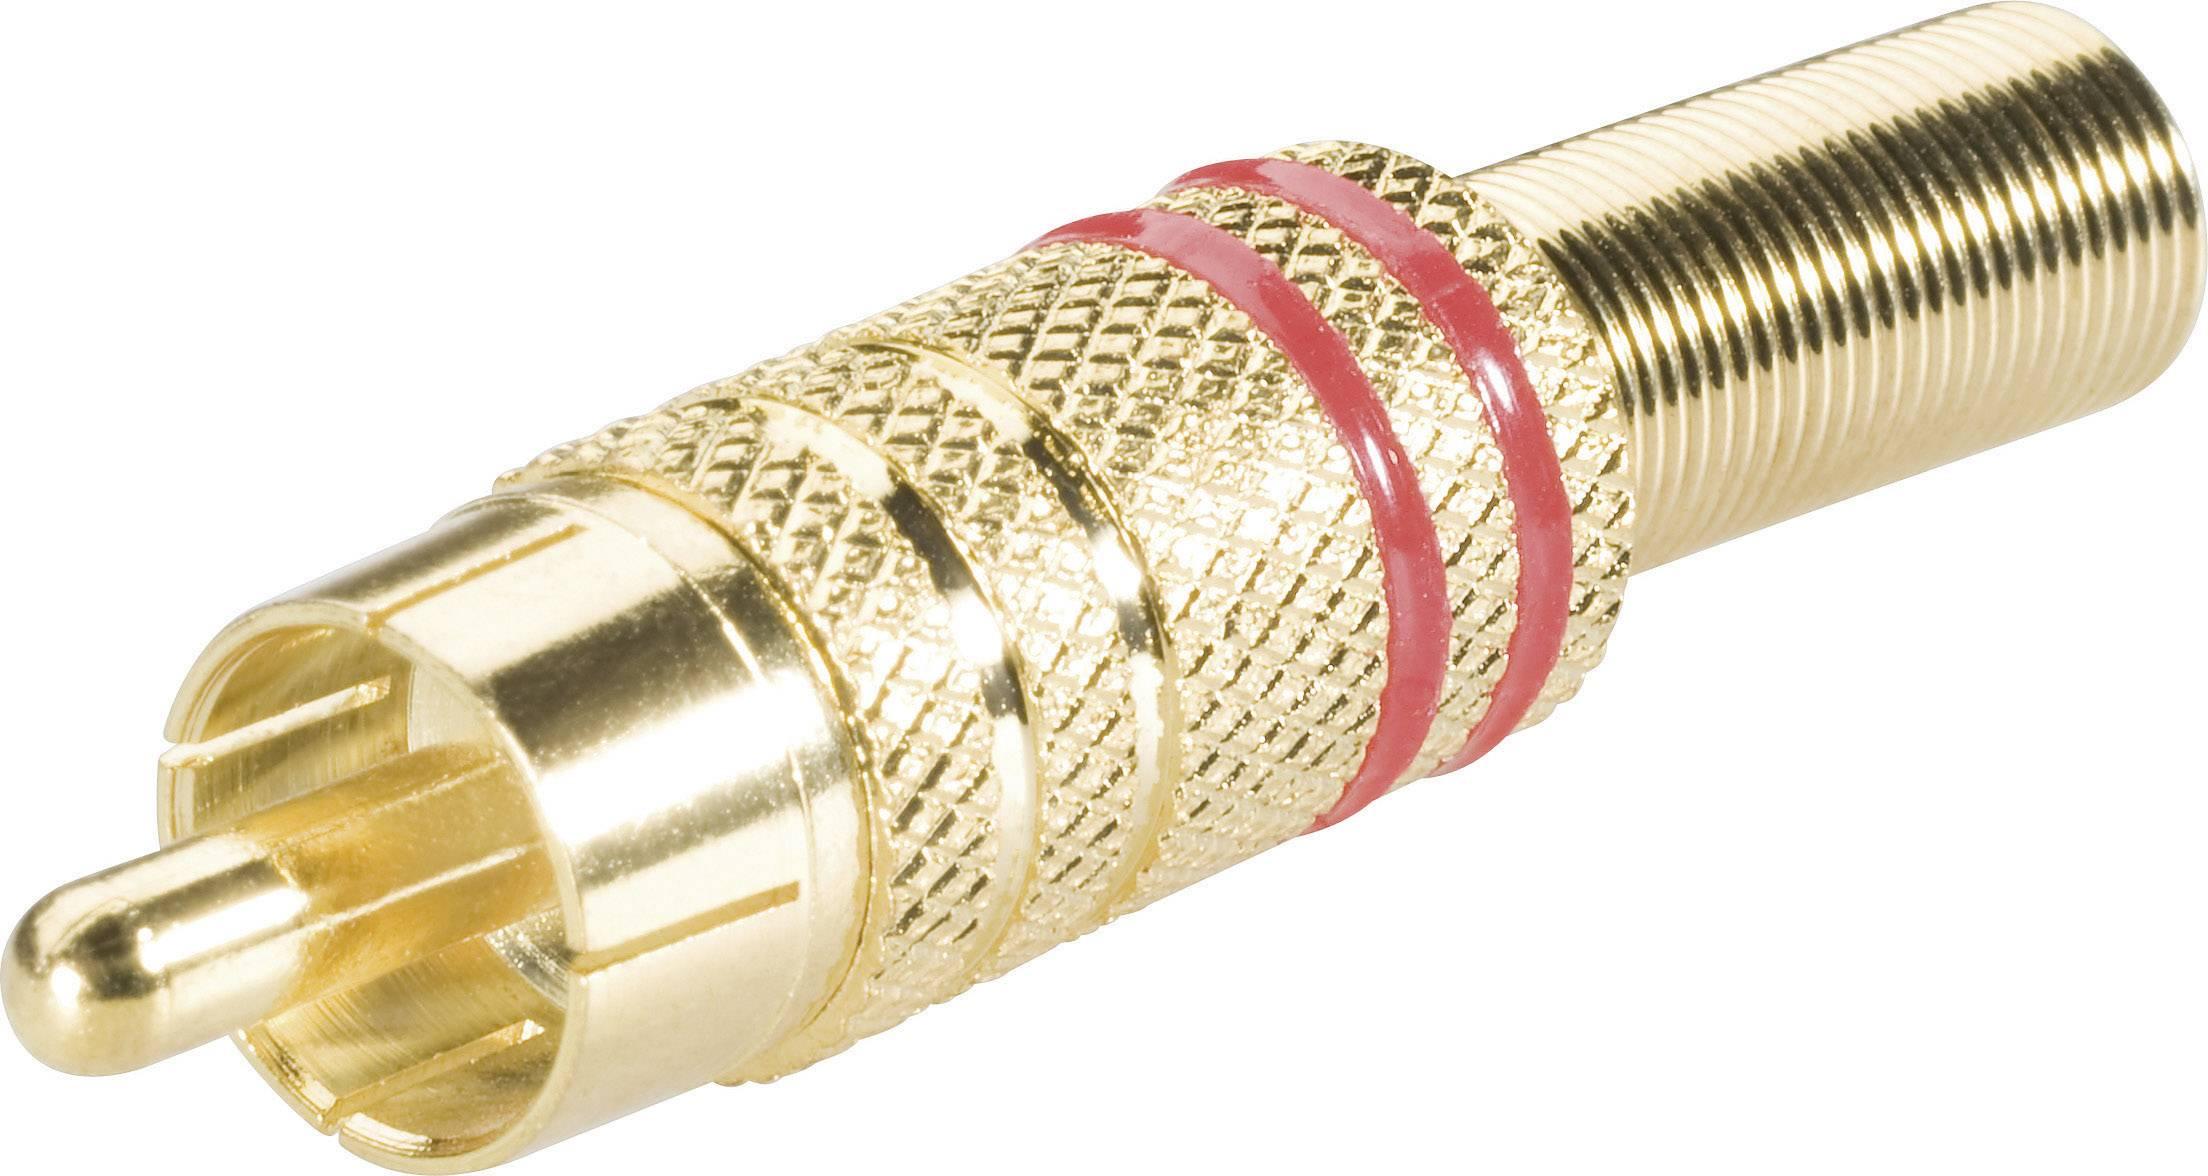 Cinch konektor zástrčka, rovná BKL Electronic 0101007, počet pinov: 2, červená, 1 ks